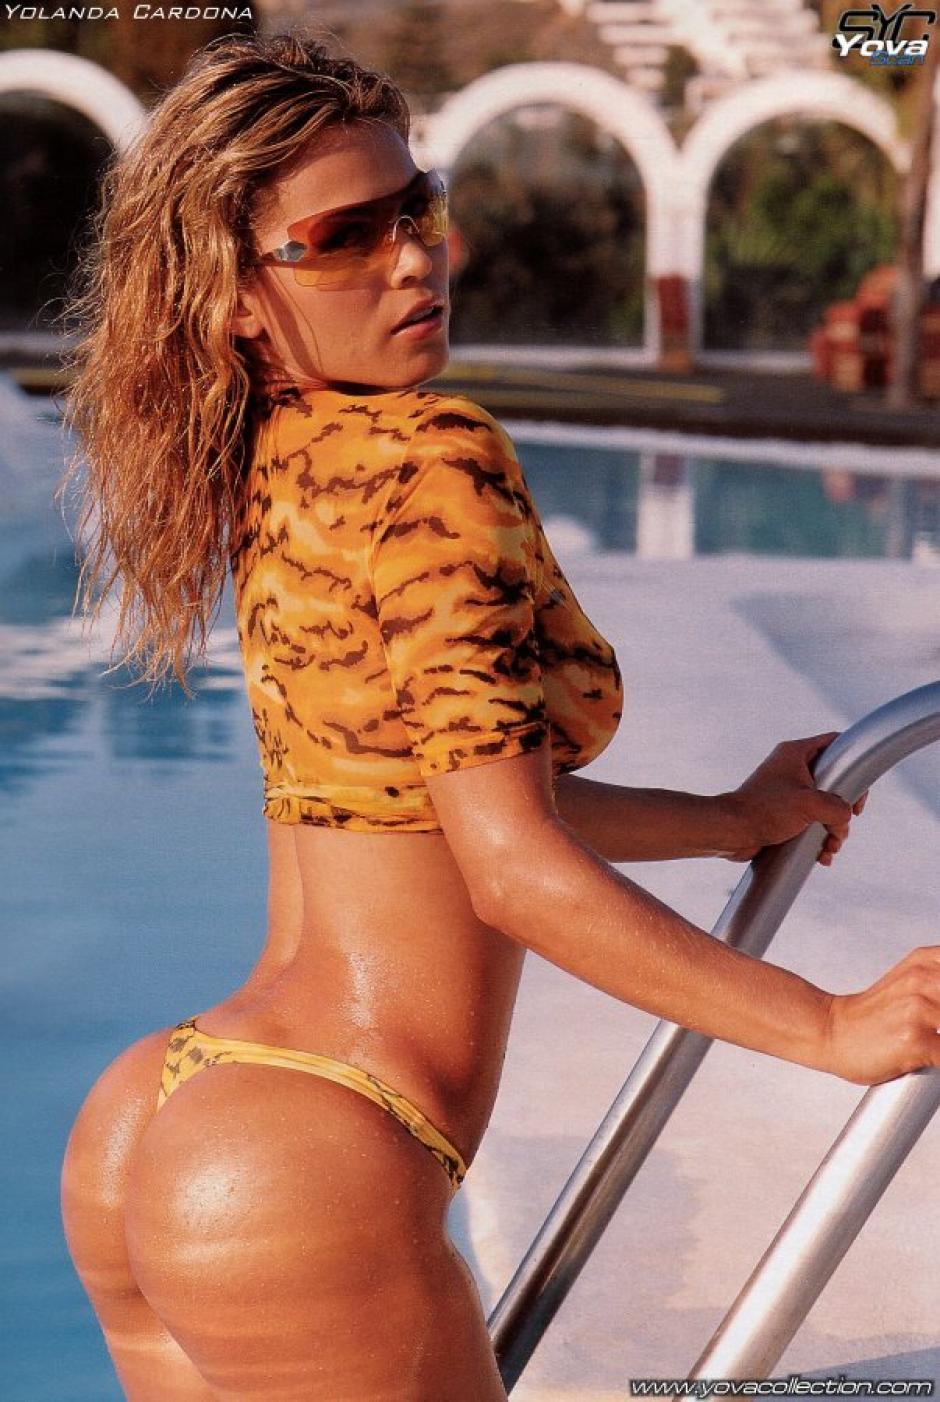 Yolanda Cardona, mujer de Víctor Valdés, ha sido una modelo cotizada. (Foto: Yolanda Cardona)